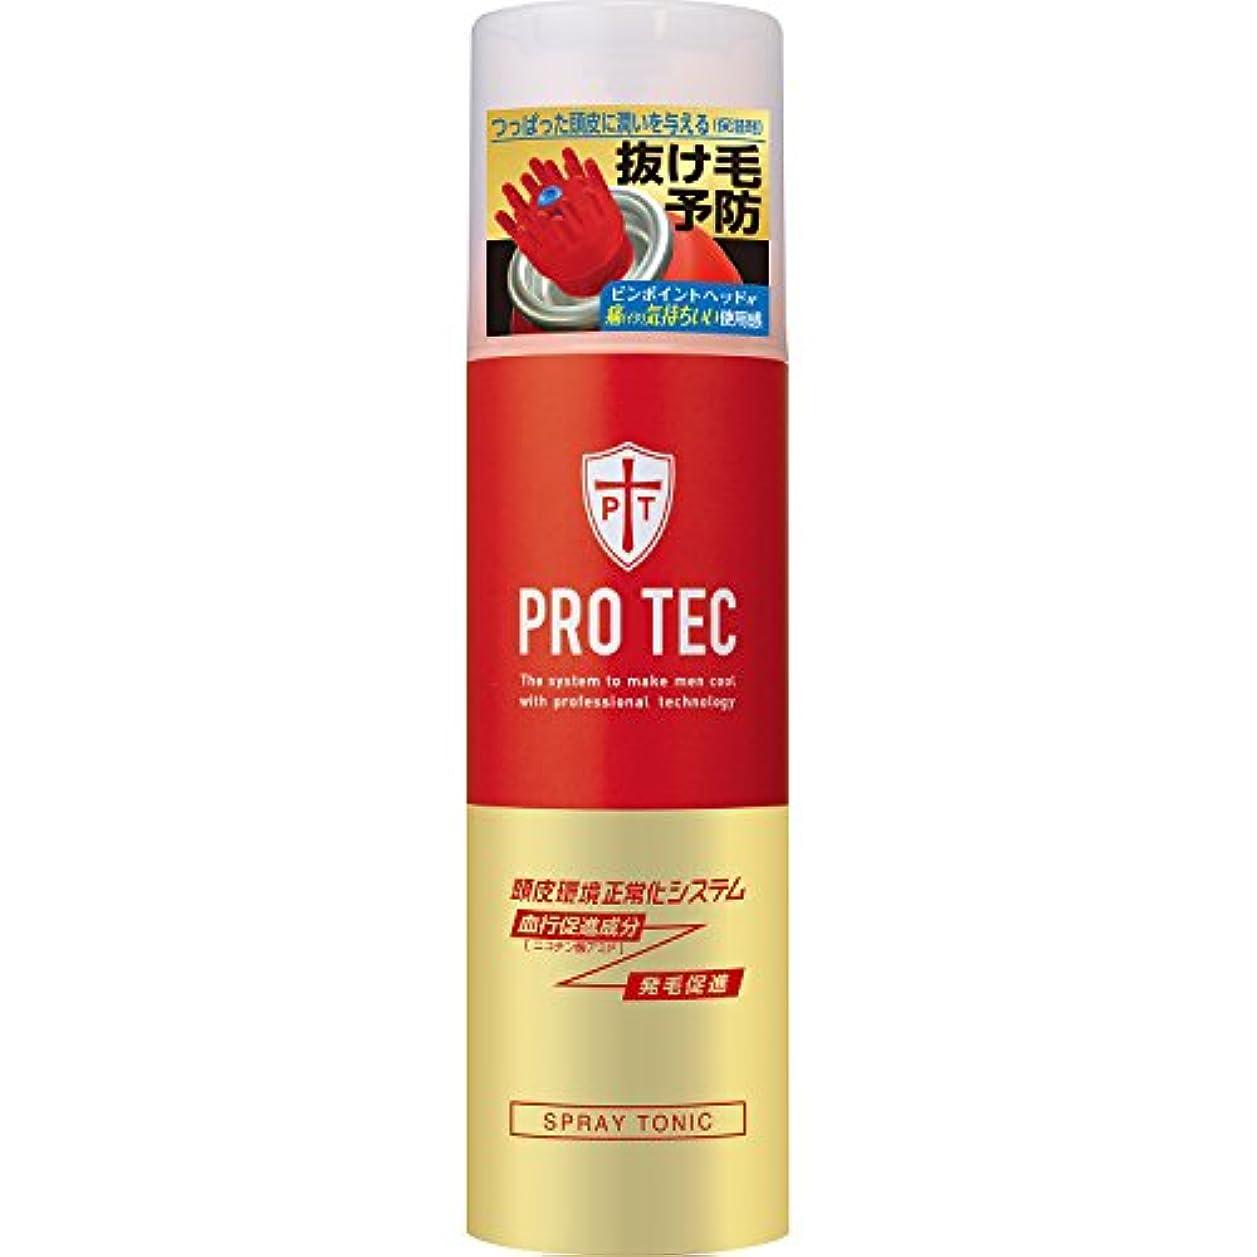 ファイアルヒューズ主張PRO TEC(プロテク) スプレートニック 150g(医薬部外品)